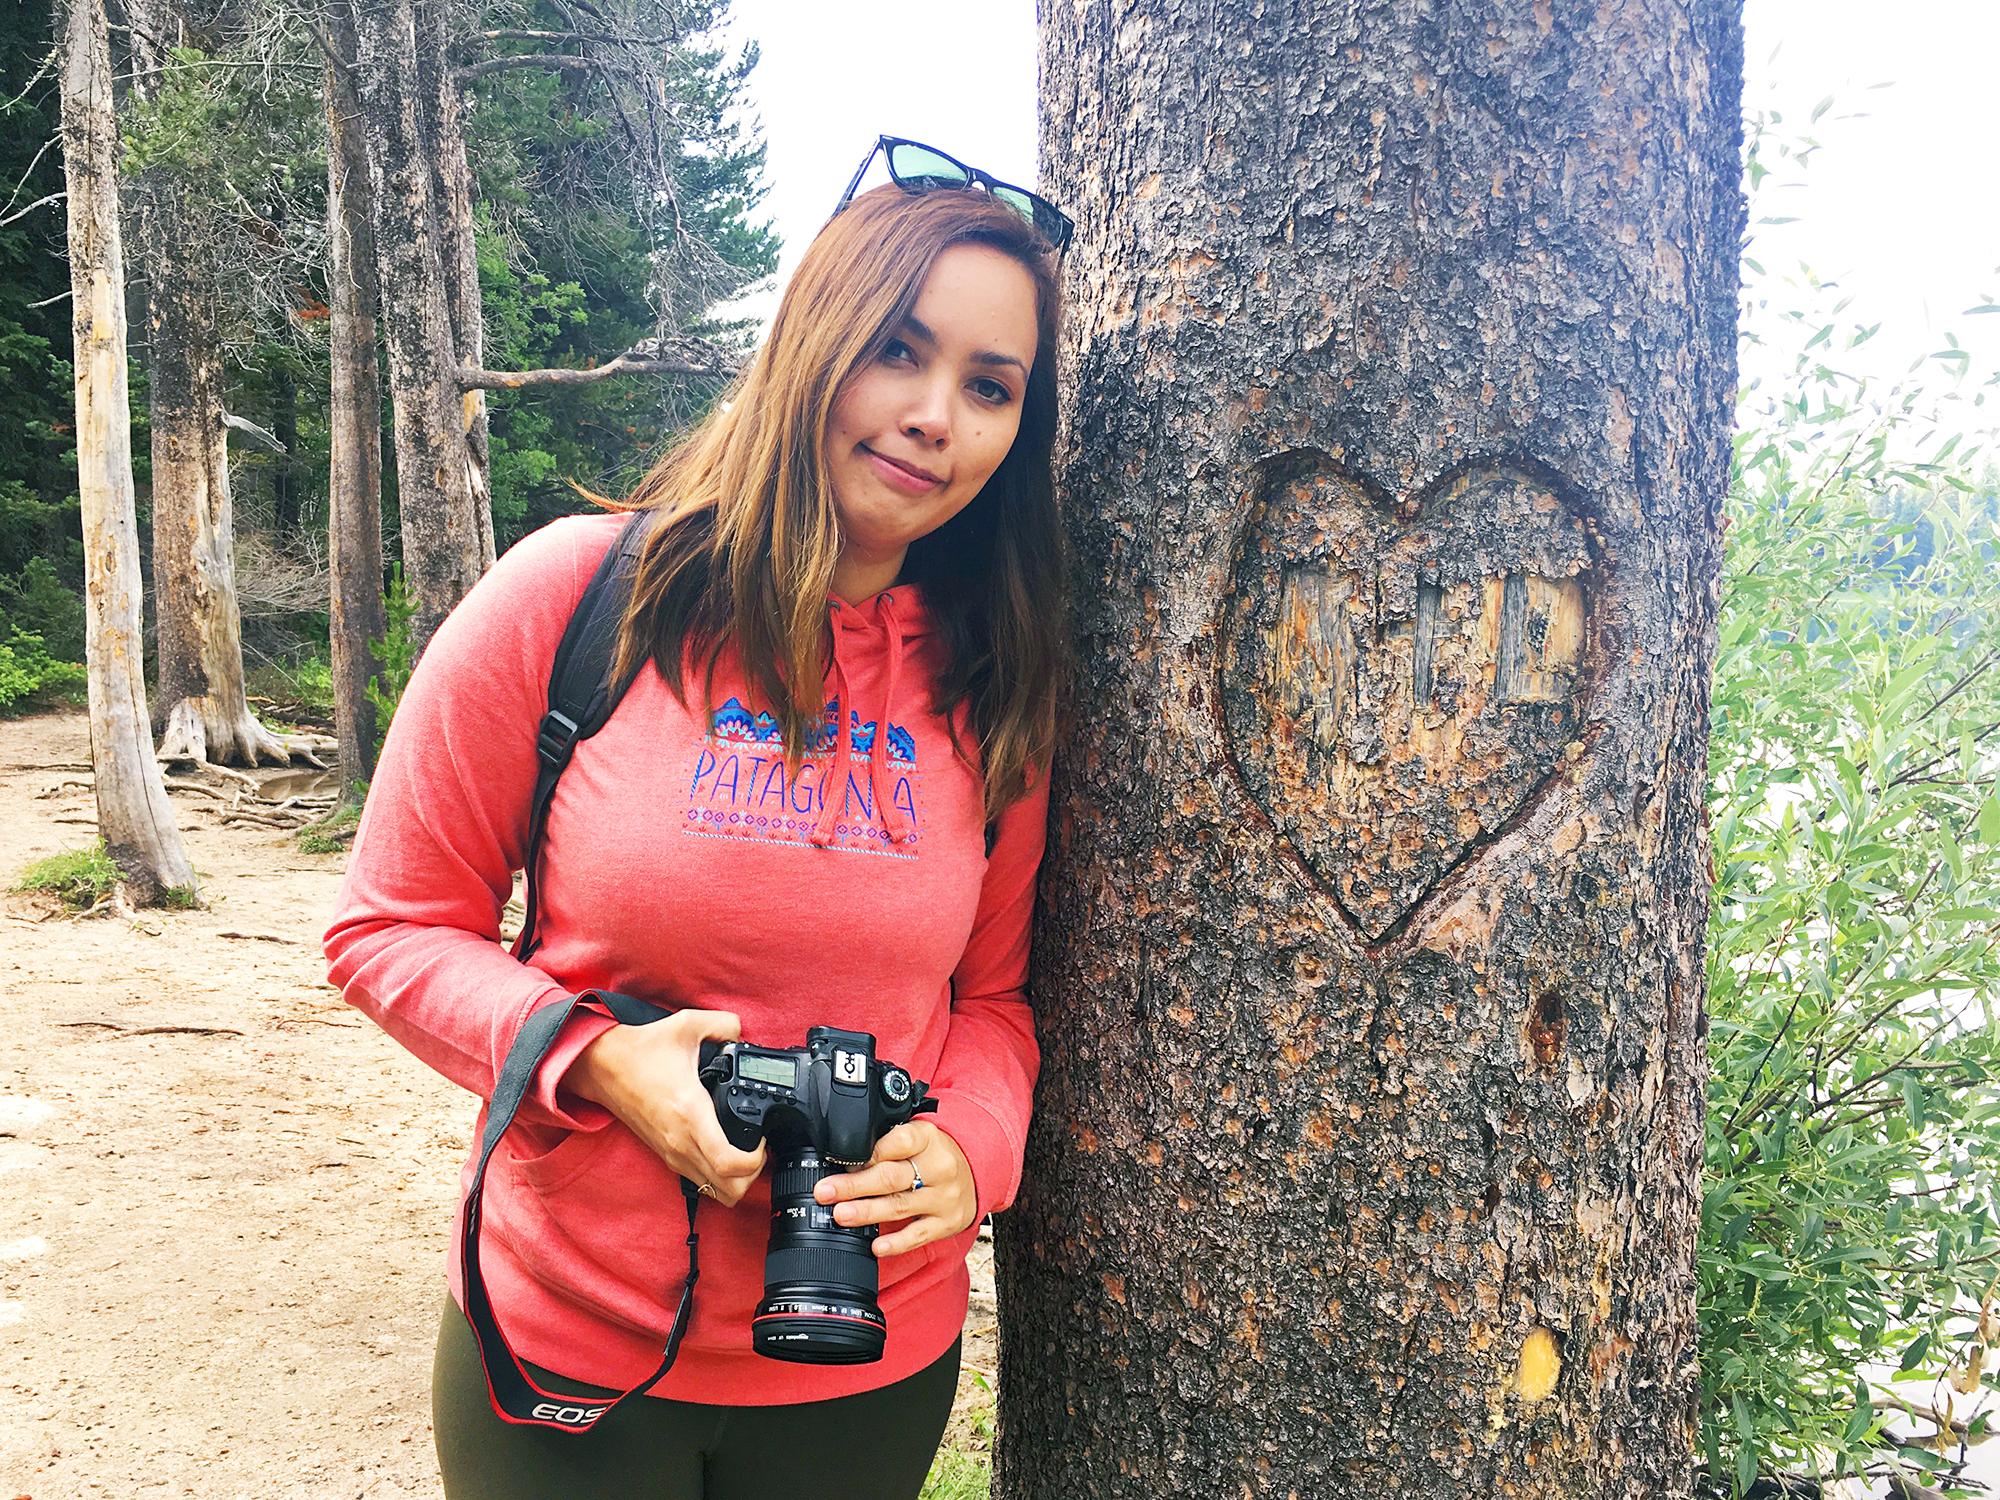 jo-torrijos-states-of-reverie-grand-teton-national-park-string-lake-hike-13.jpg